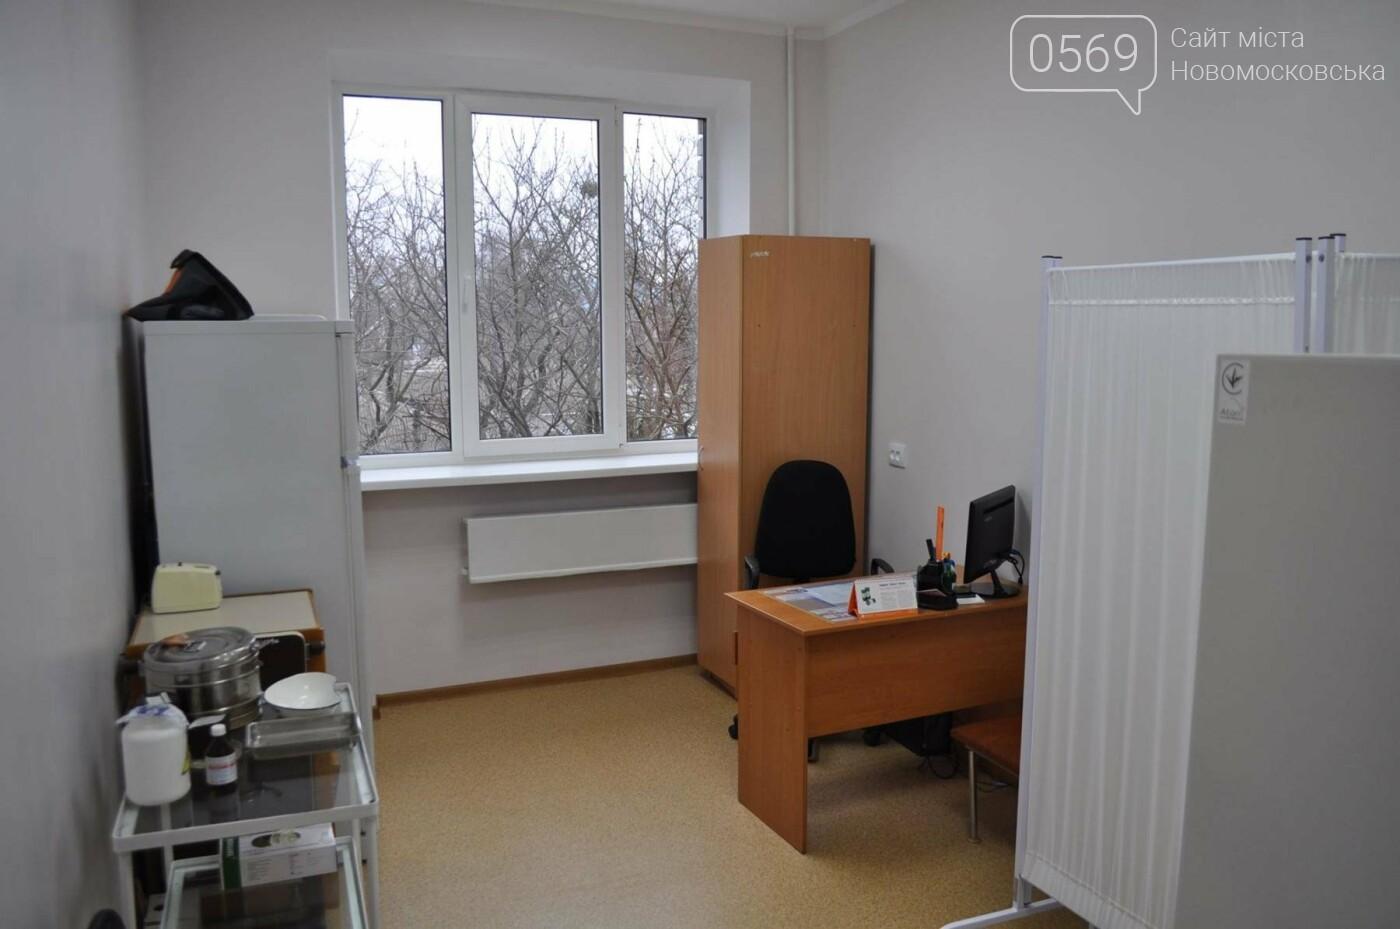 Оновлена амбулаторія обслуговуватиме 12 тисяч мешканців Новомосковська, фото-1